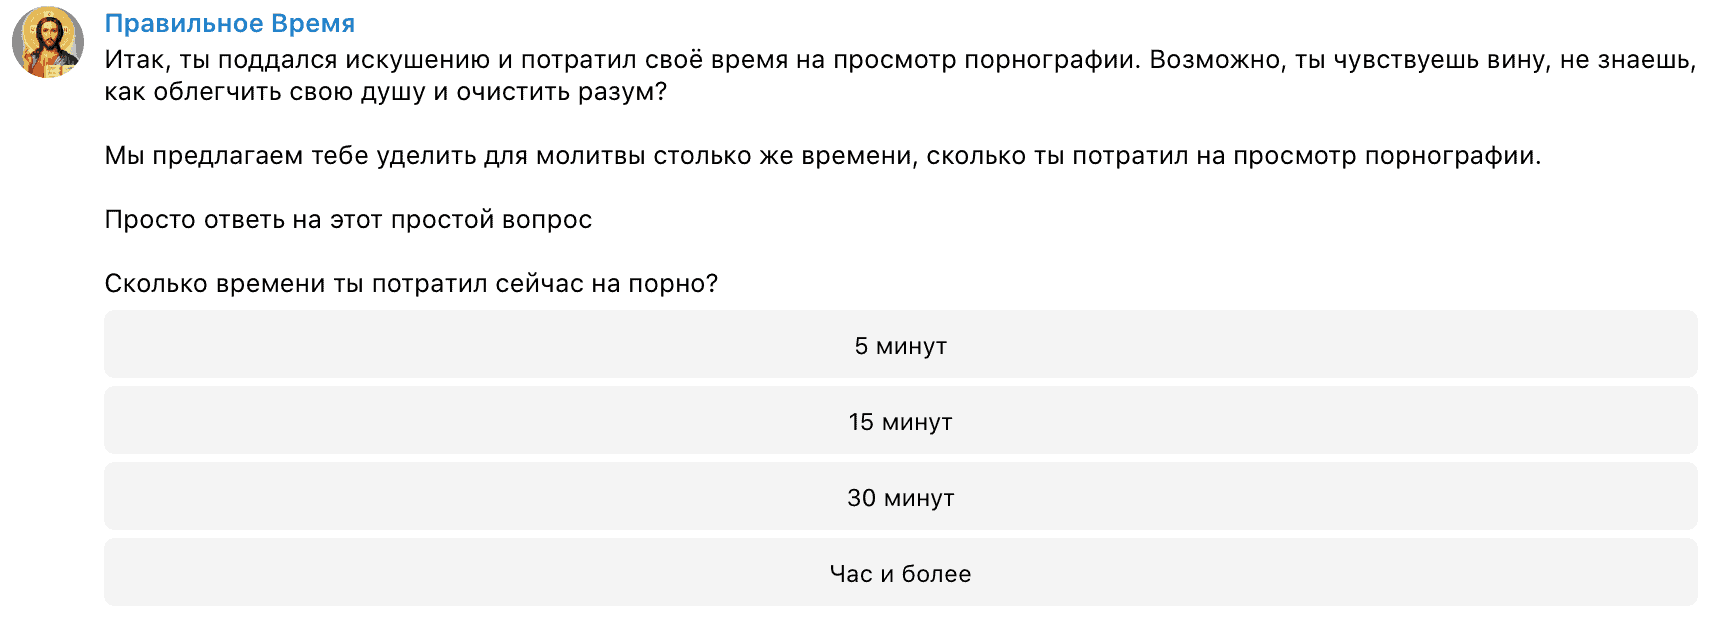 """Telegram-бот """"Правильное время"""""""